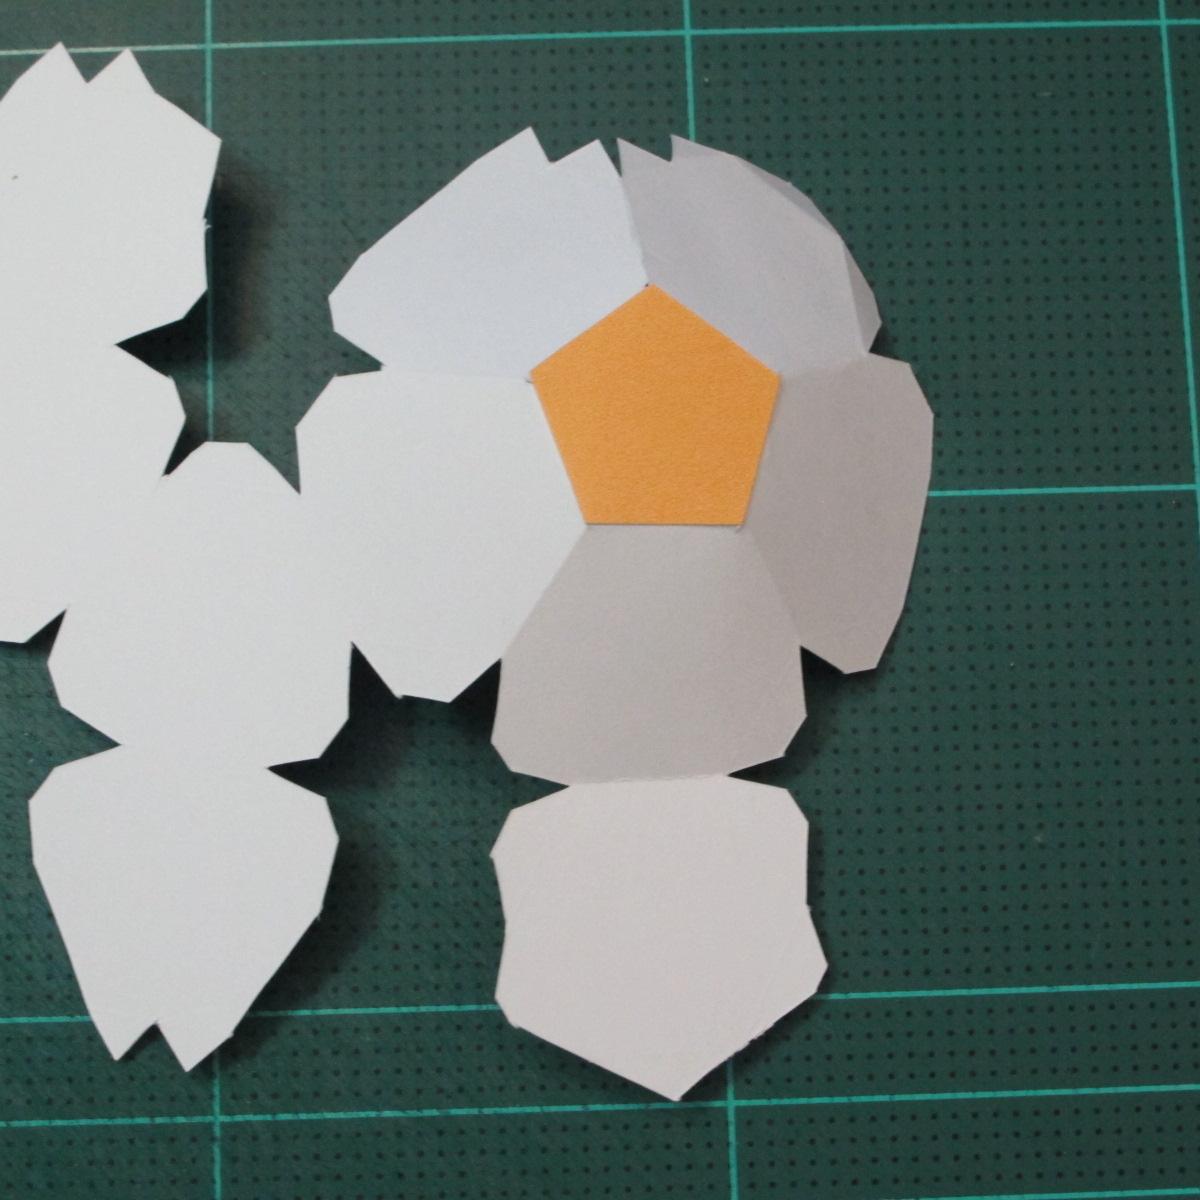 วิธีทำโมเดลกระดาษหมีบราวน์ชุดบอลโลก 2014 ทีมบราซิล (LINE Brown Bear in FIFA World Cup 2014 Brazil Jerseys Papercraft Model) 003